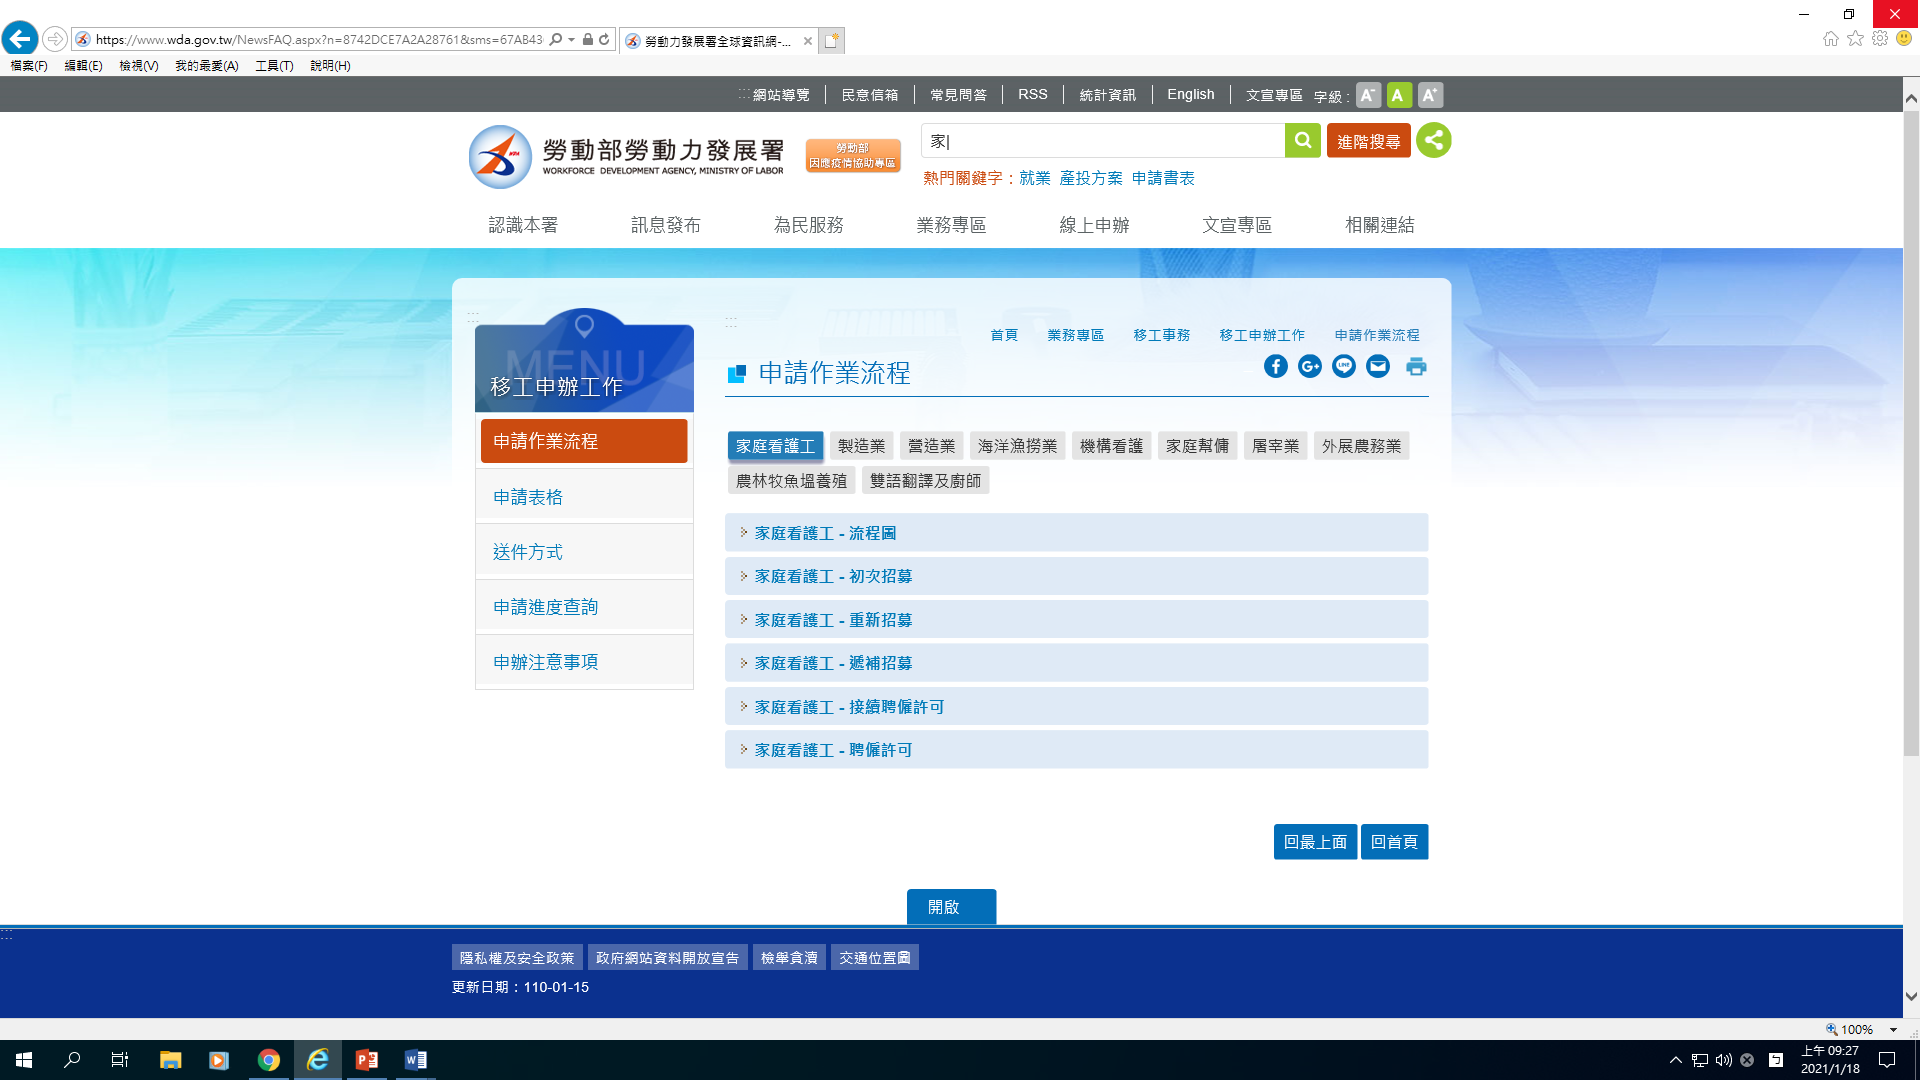 雇主申請聘僱移工作業流程圖網頁畫面